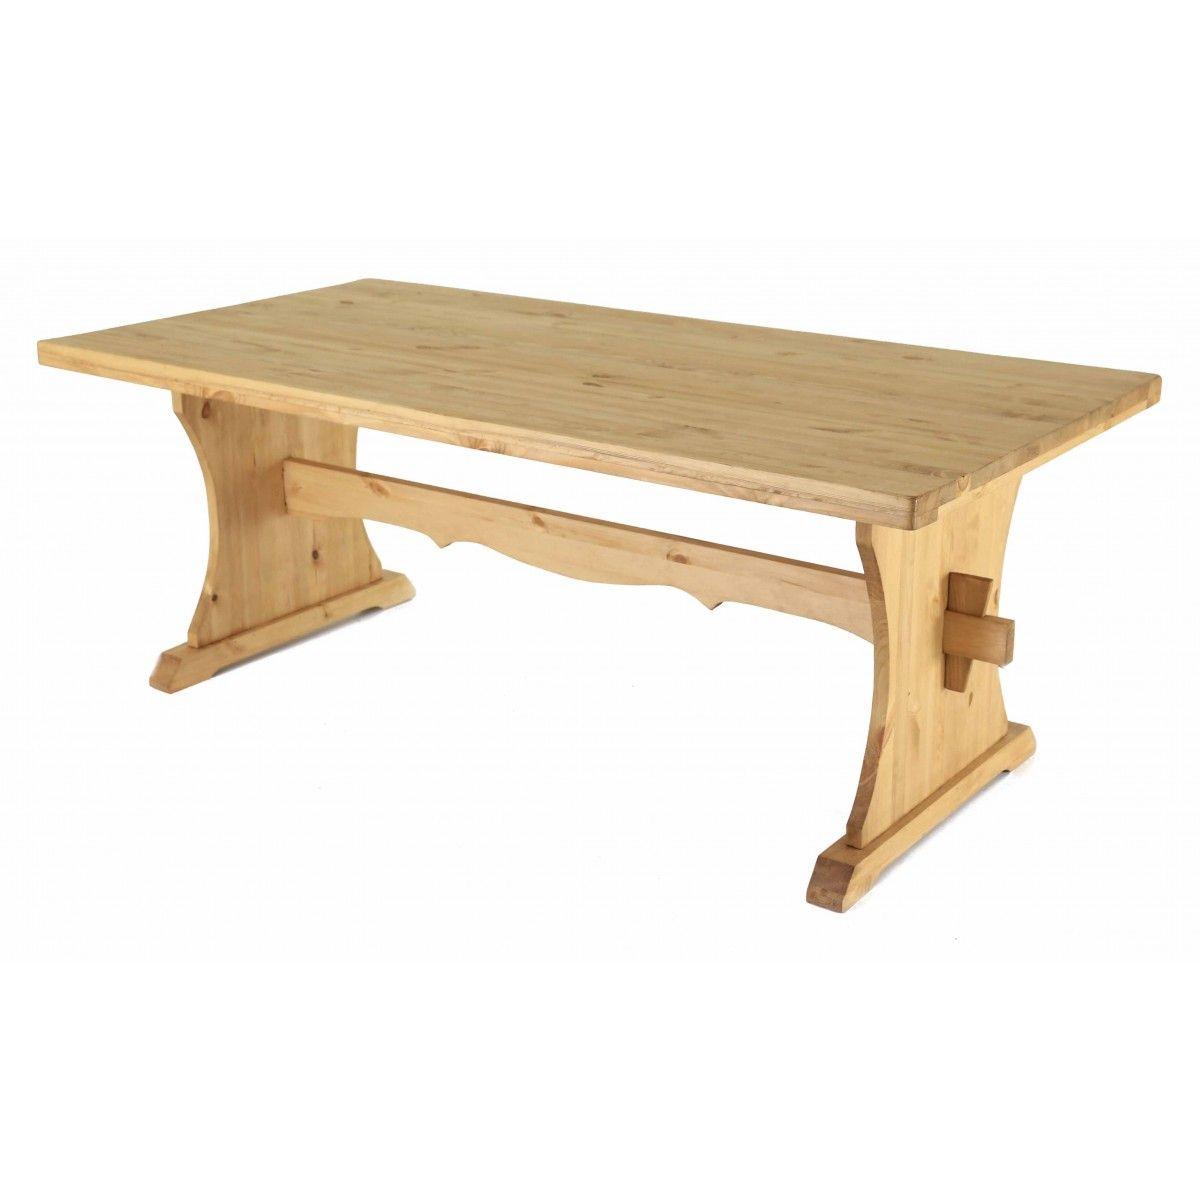 Table monastere le bon coin elegant uac le bon coin with table monastere le bon coin elegant - Table de ferme le bon coin ...